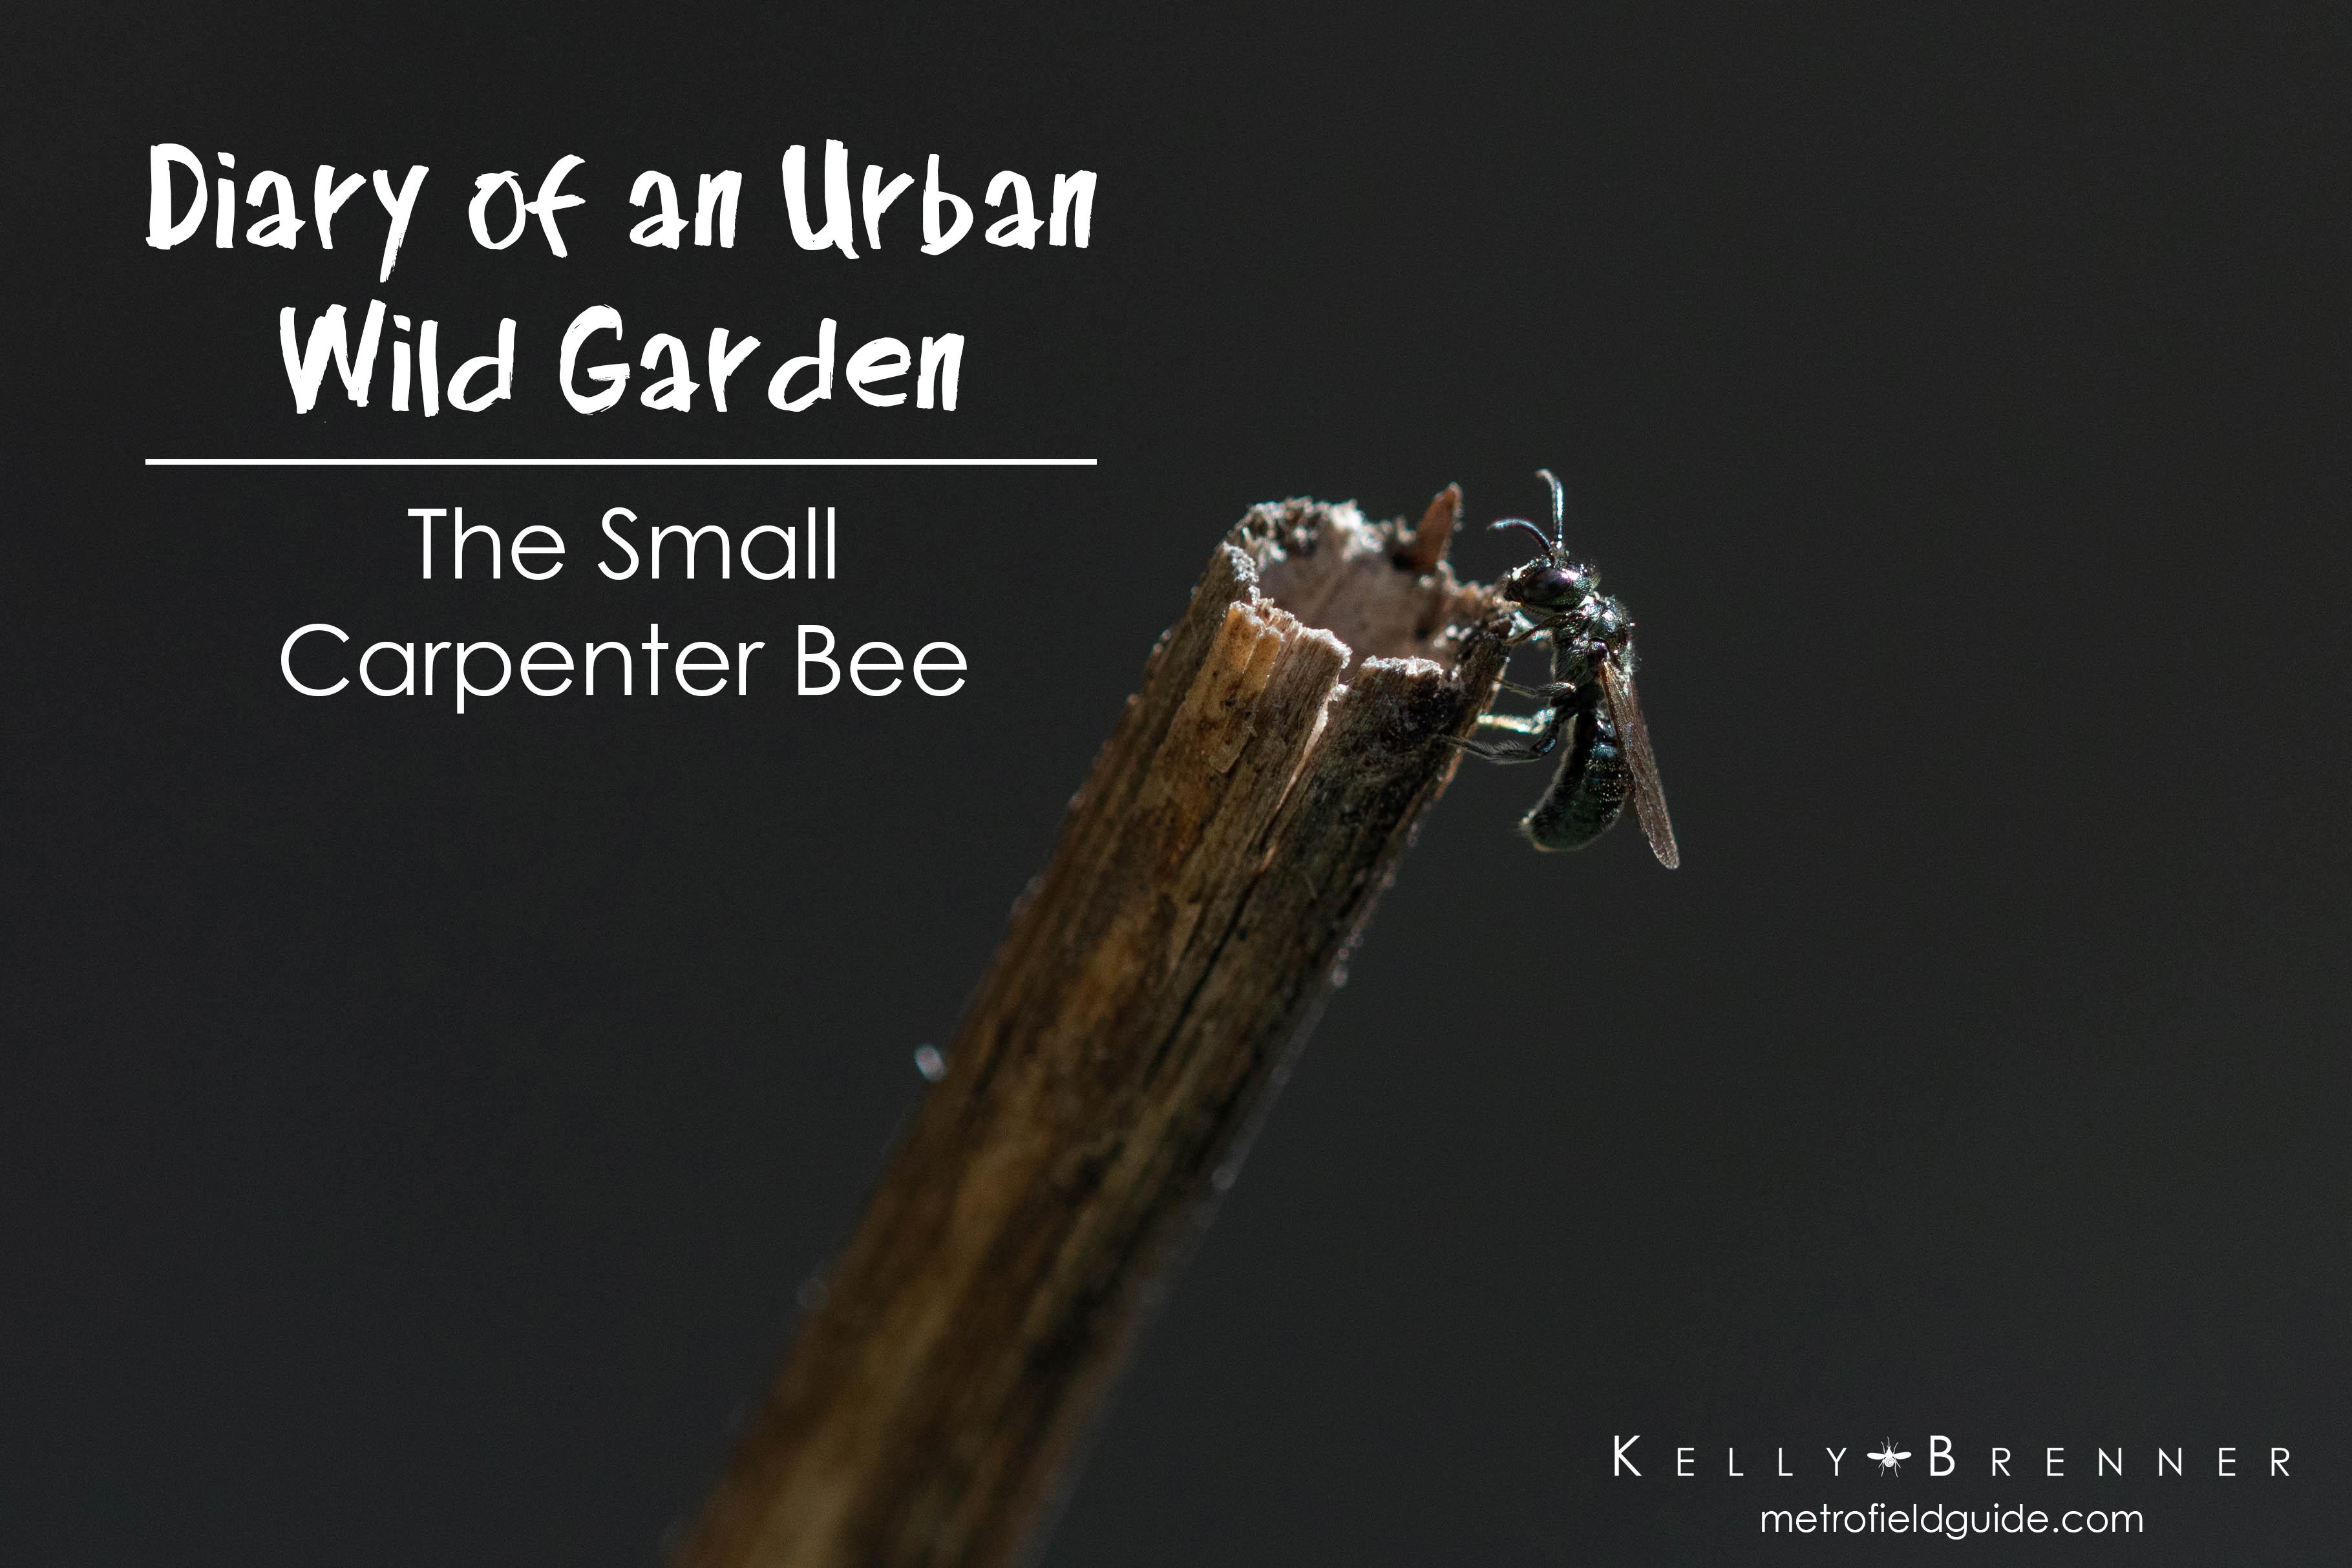 Diary of an Urban Wild Garden: The Small Carpenter Bee